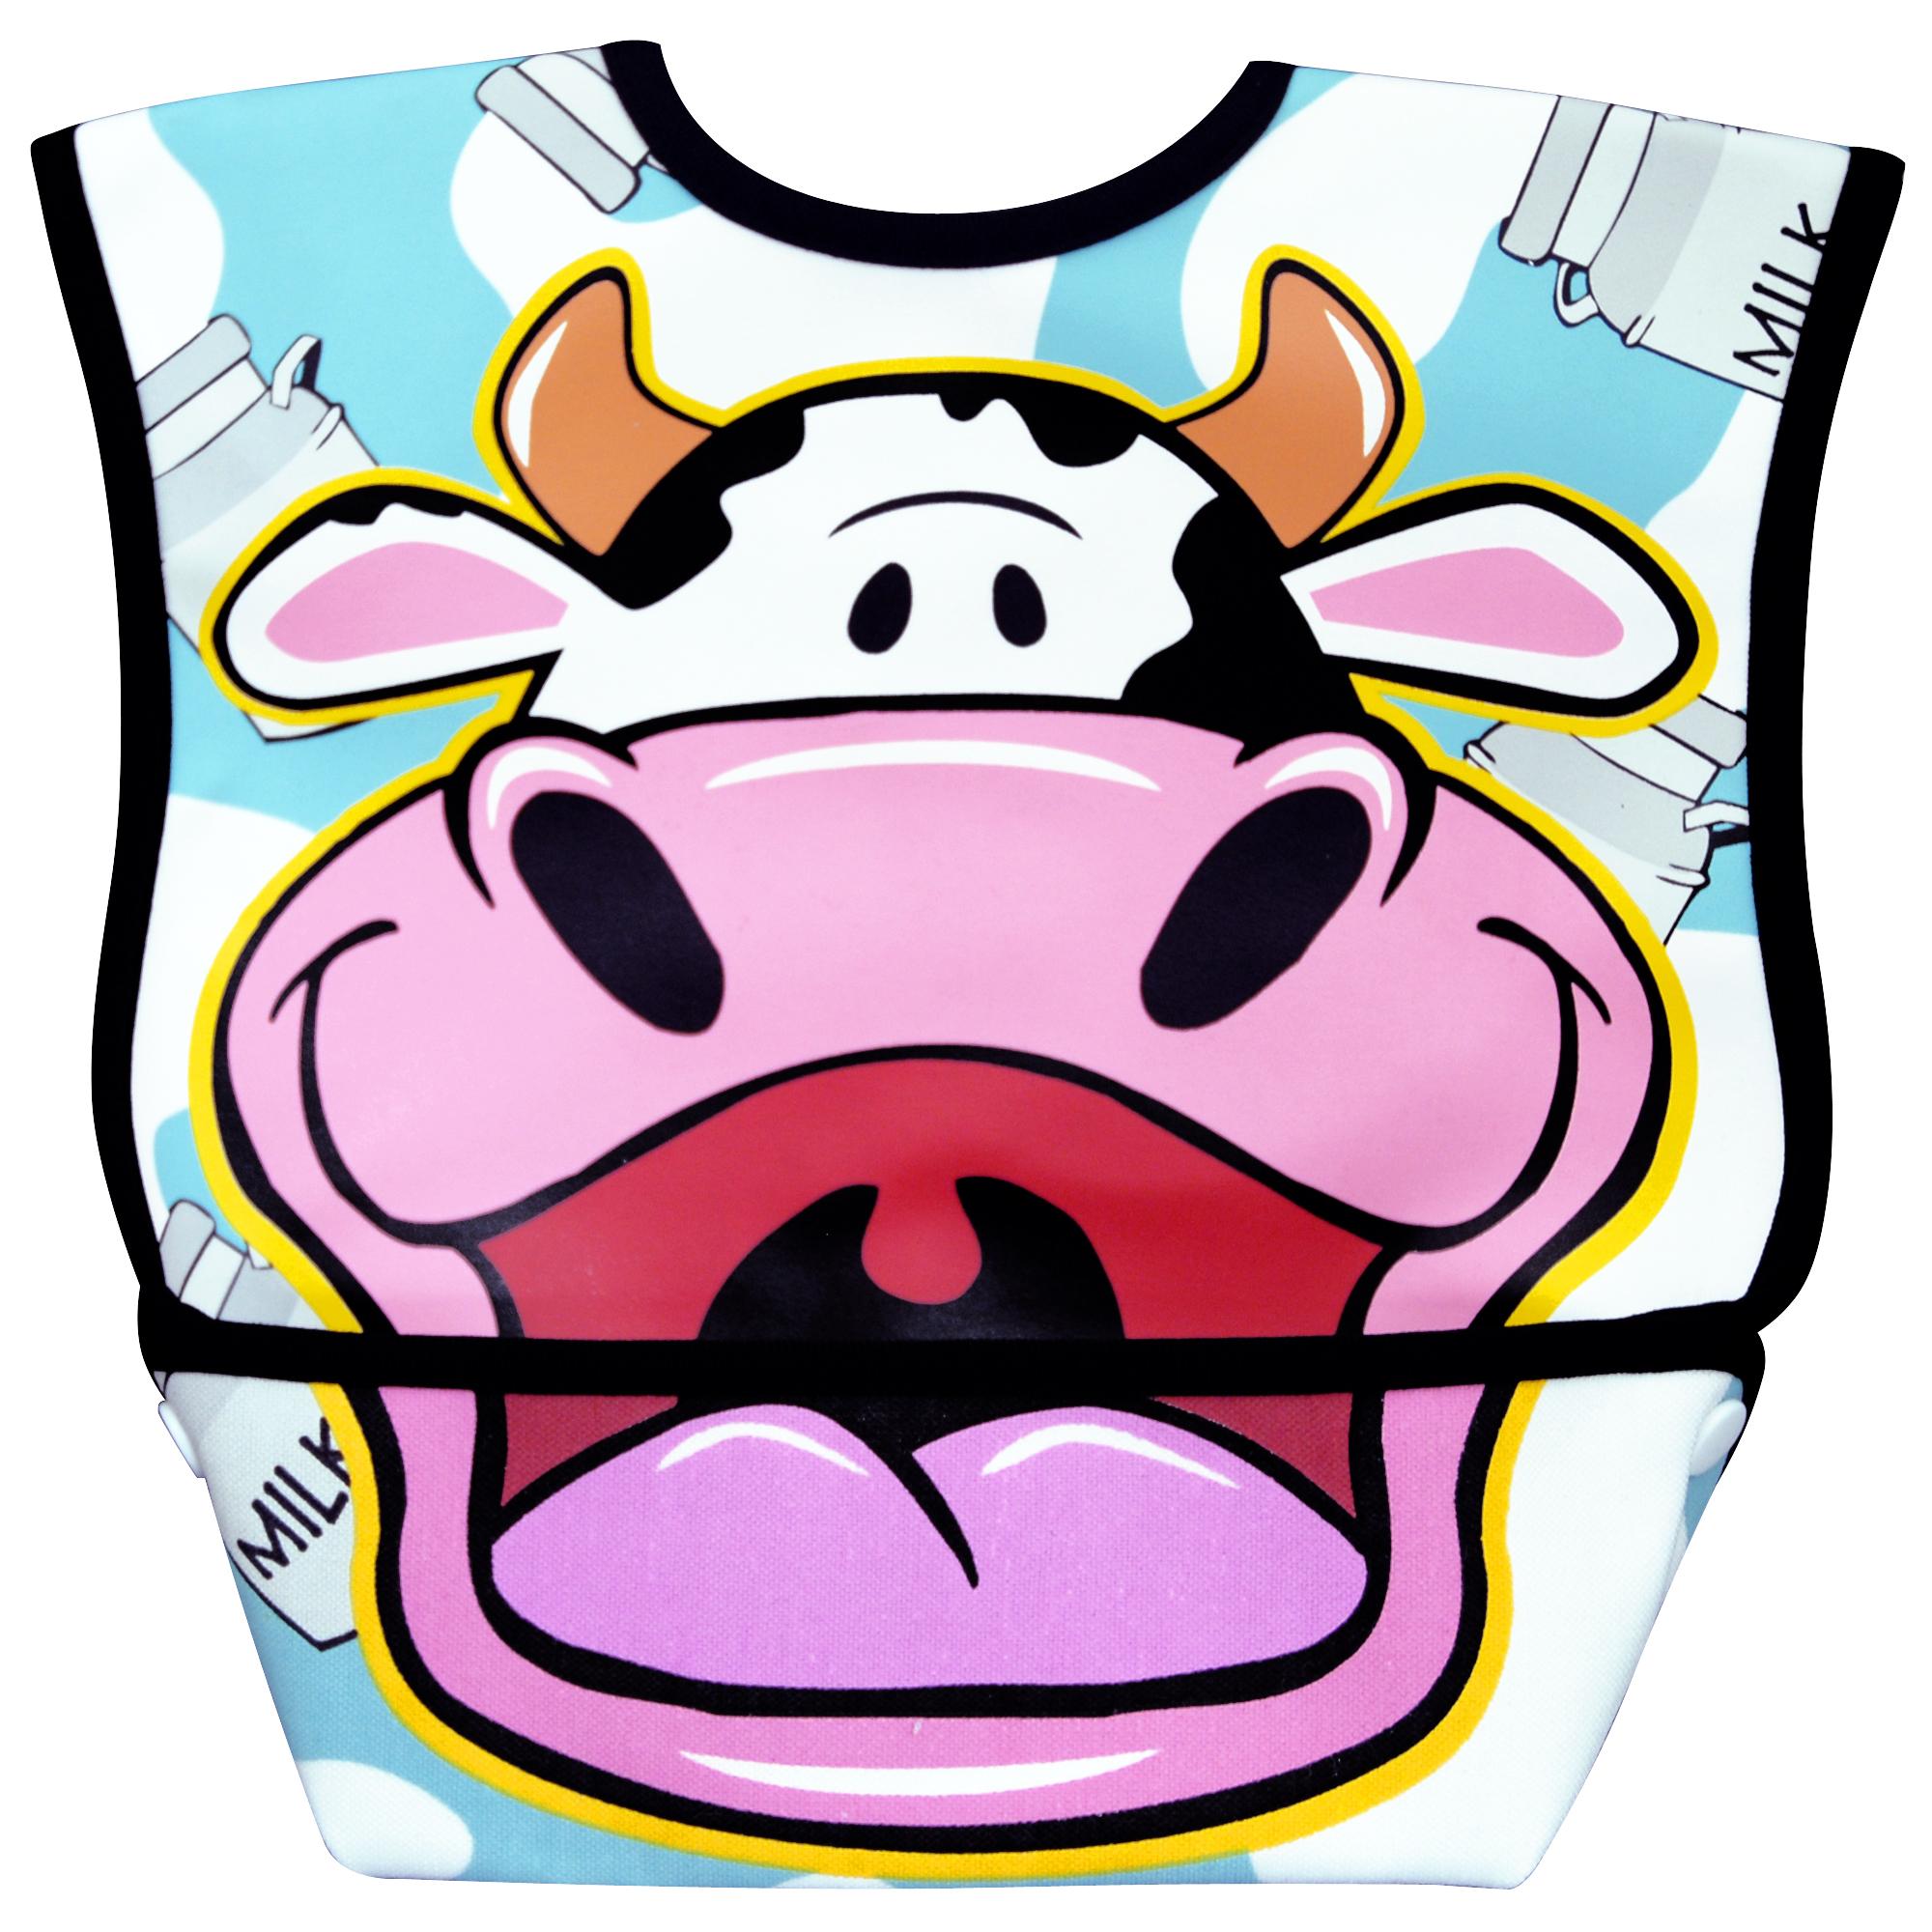 DBBML_Cow.jpg